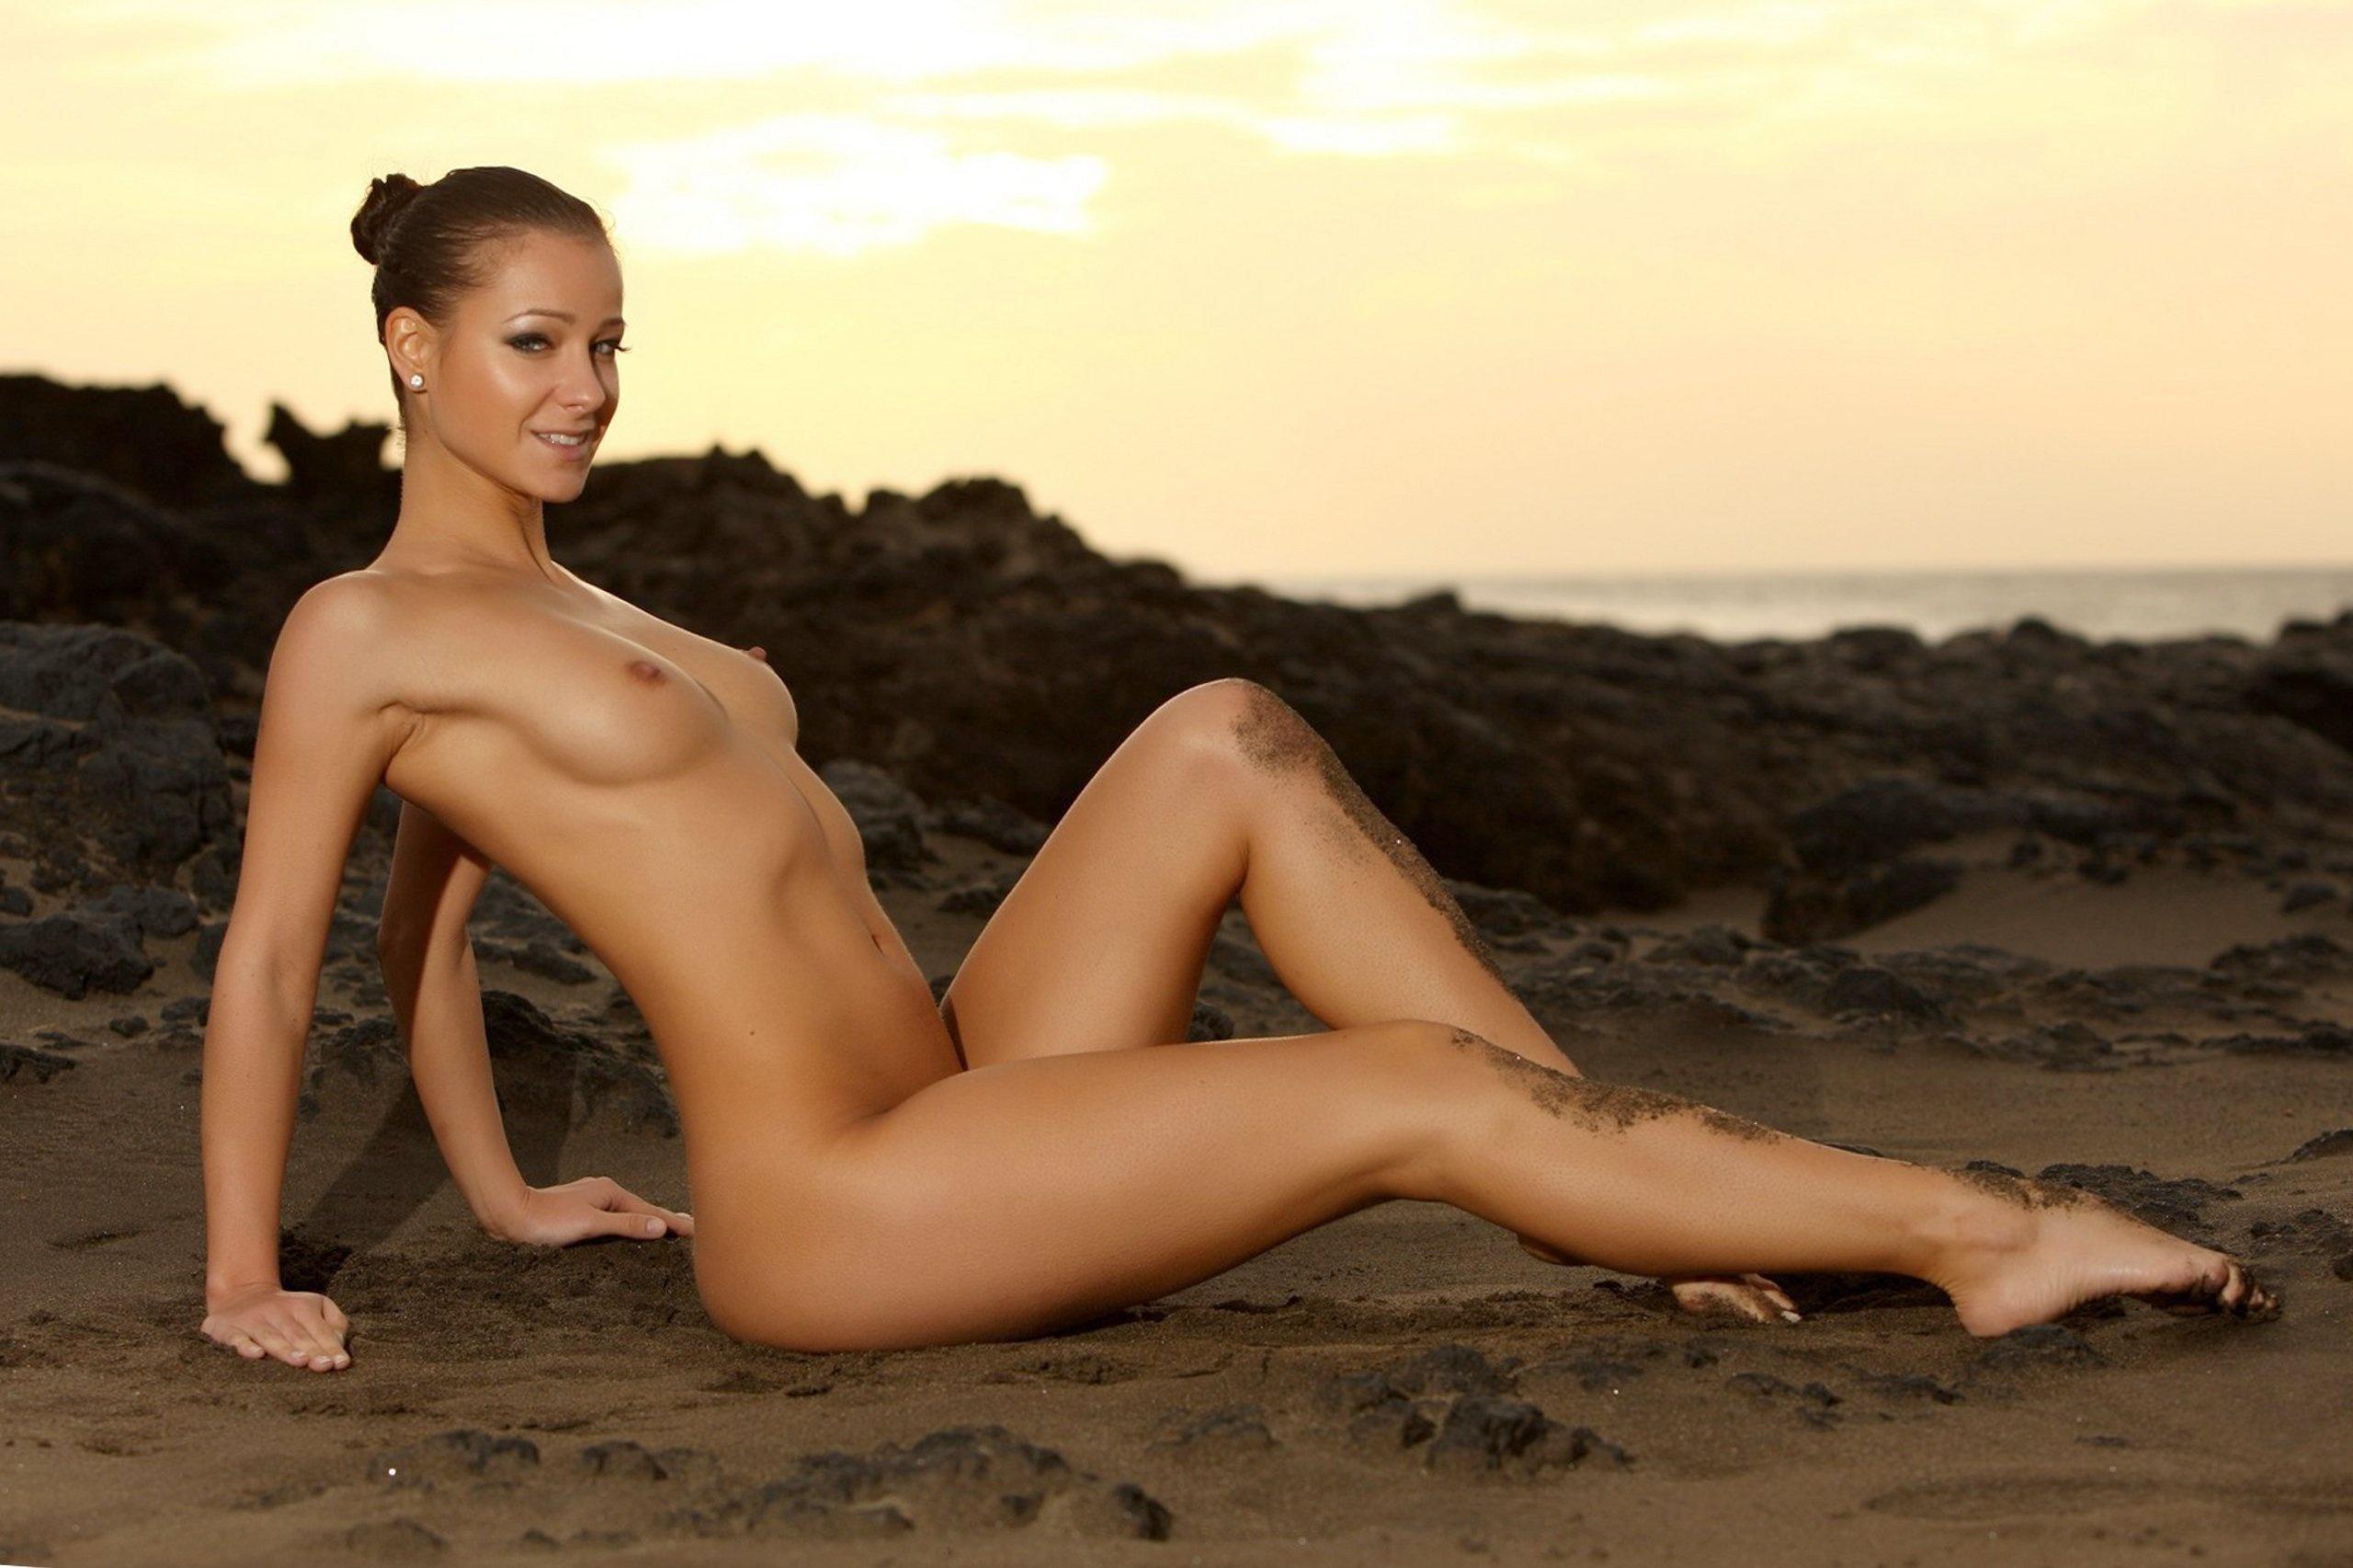 Naked women at sunset consider